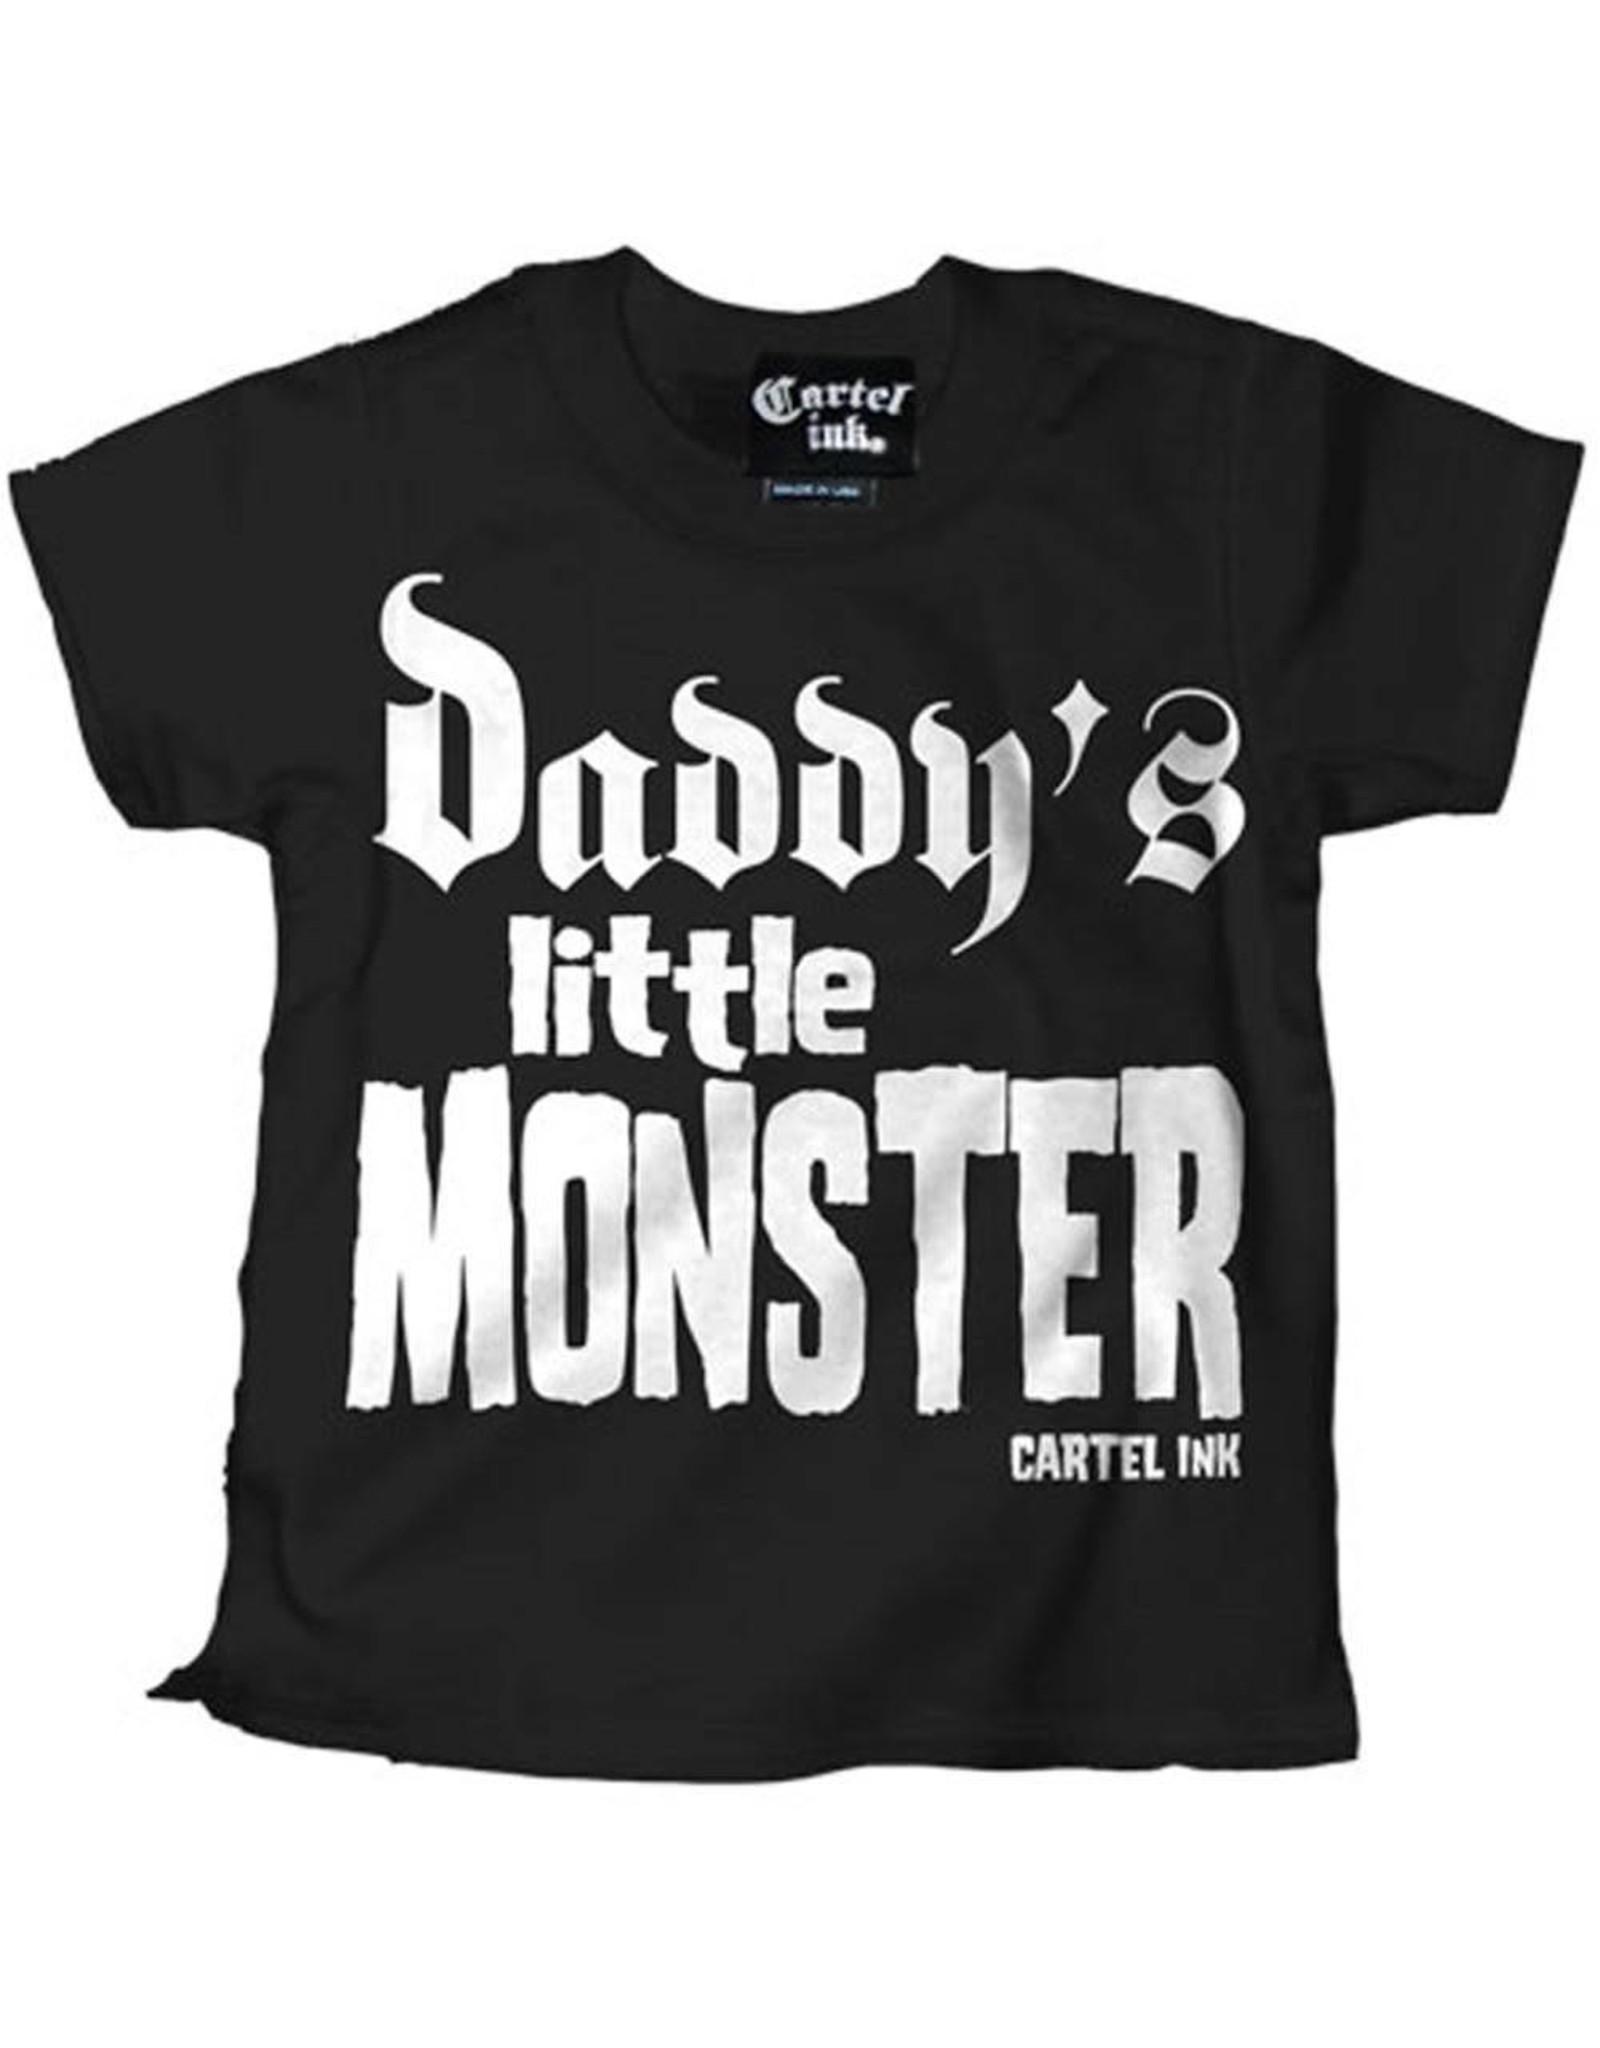 CARTEL INK - Tee Lil Monster